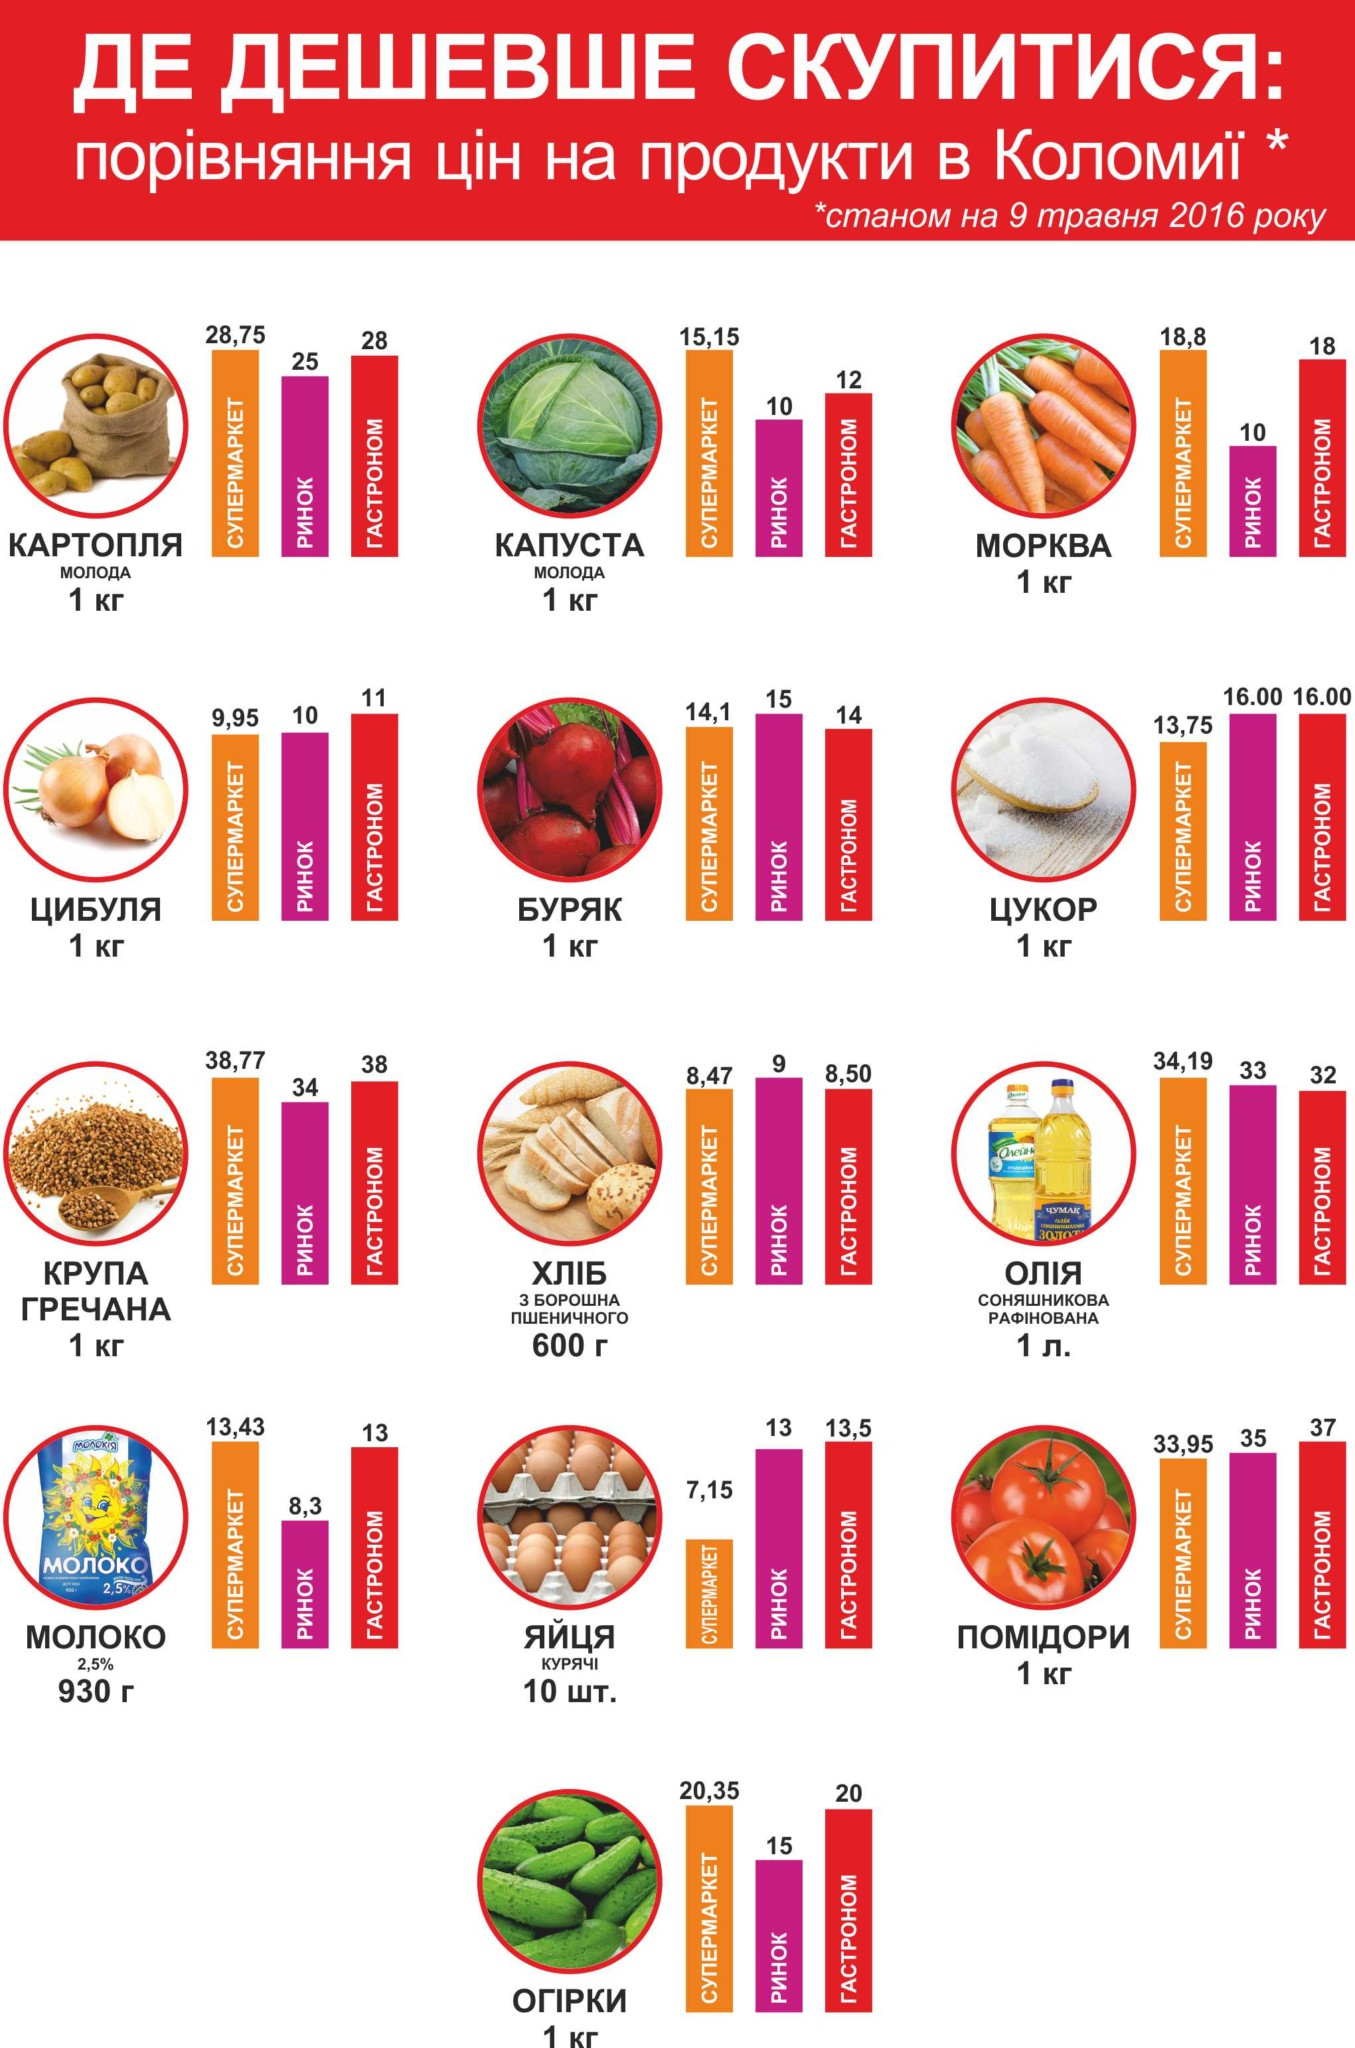 ціни на продукти_9 травня